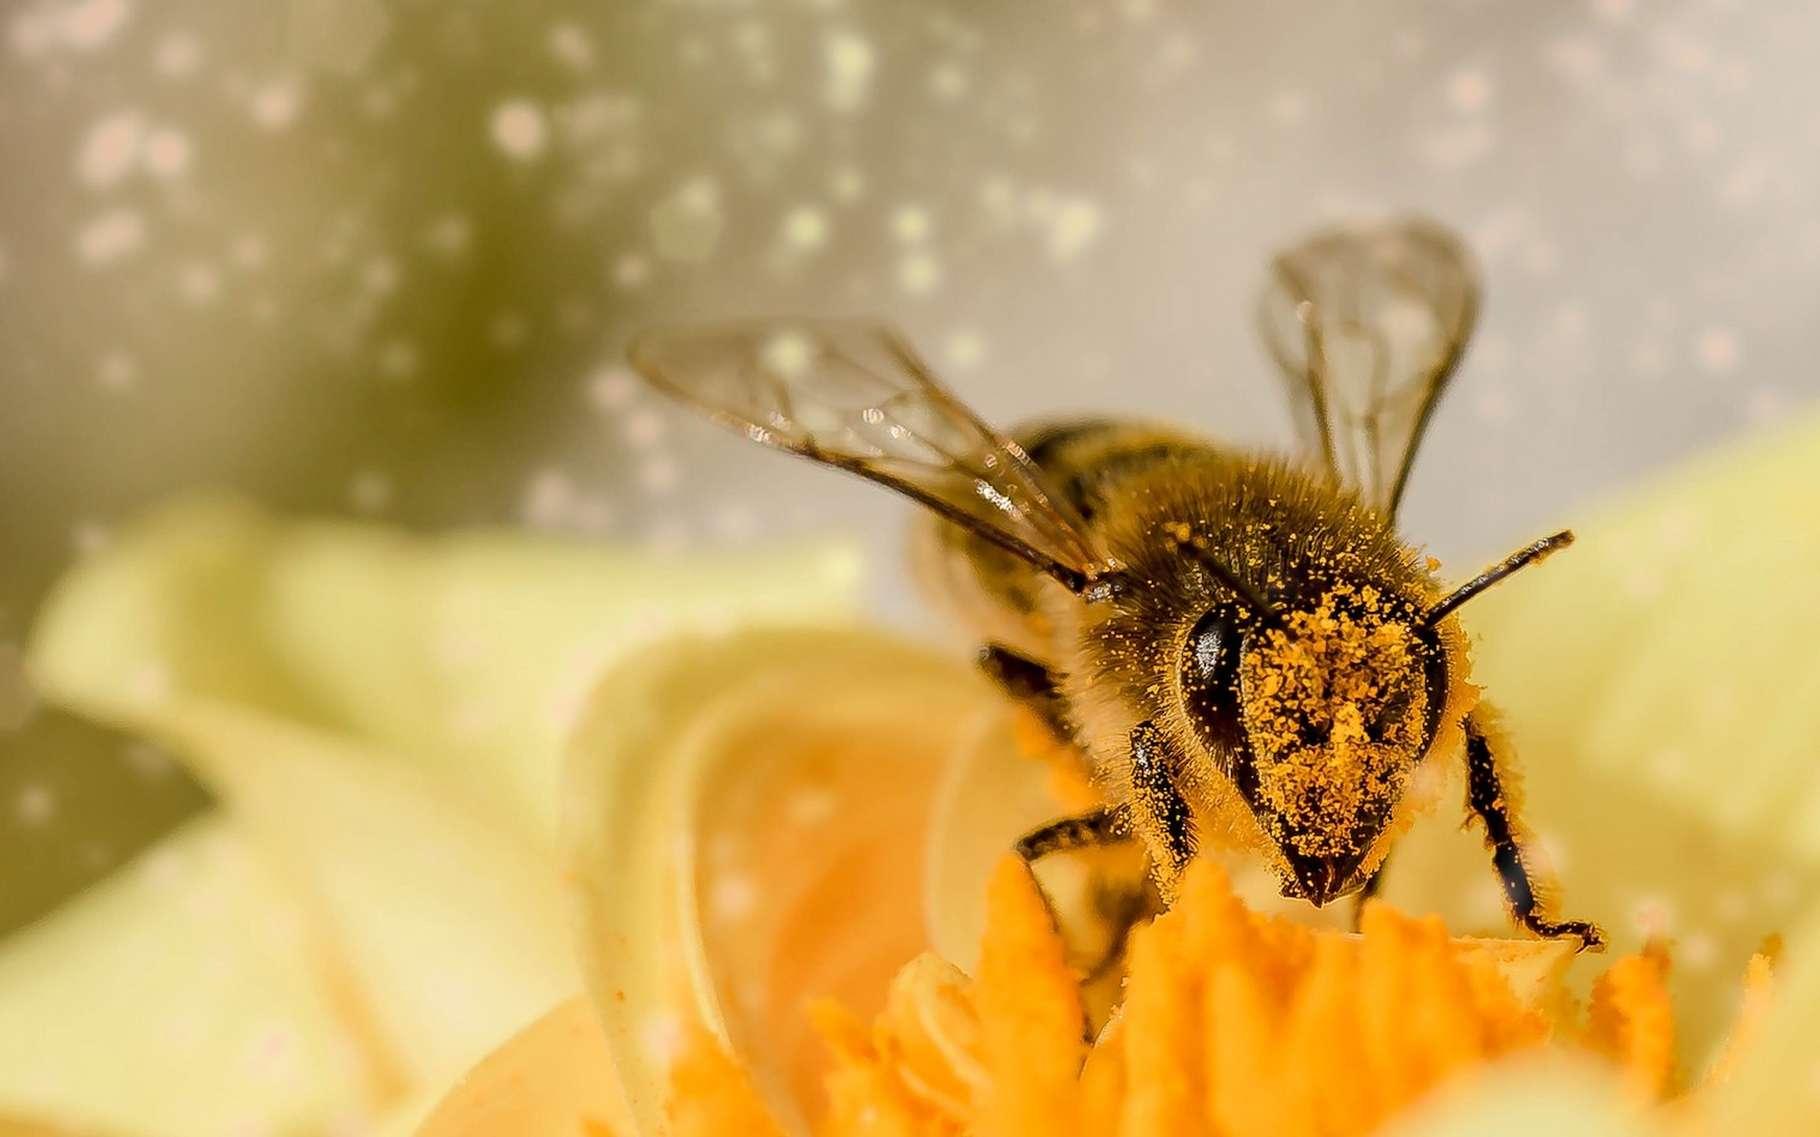 Une étude suggère que l'agriculture biologique peut atténuer les effets négatifs de l'agriculture intensive et favoriser la survie des abeilles. © Myriams-Fotos, Pixabay License